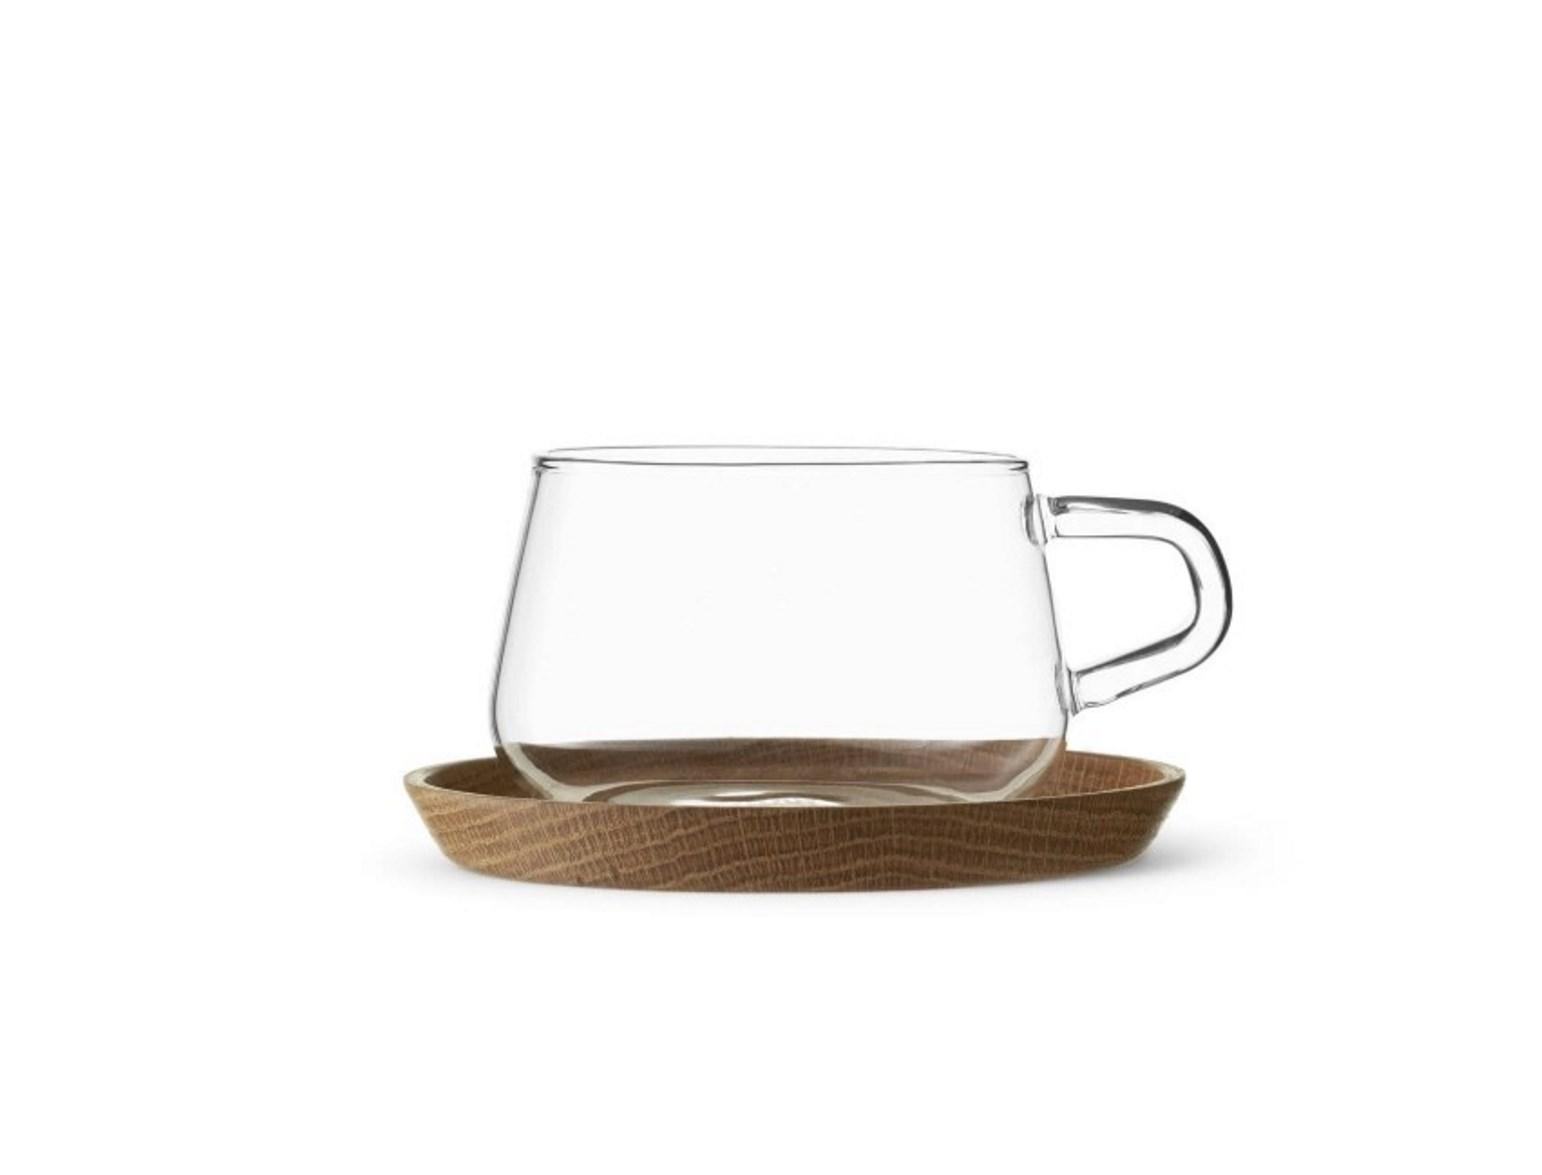 Онлайн каталог PROMENU: Кружка для чая с блюдцем Viva Scandinavia CLASSIC, объем 0,25 л, прозрачный Viva Scandinavia V75800